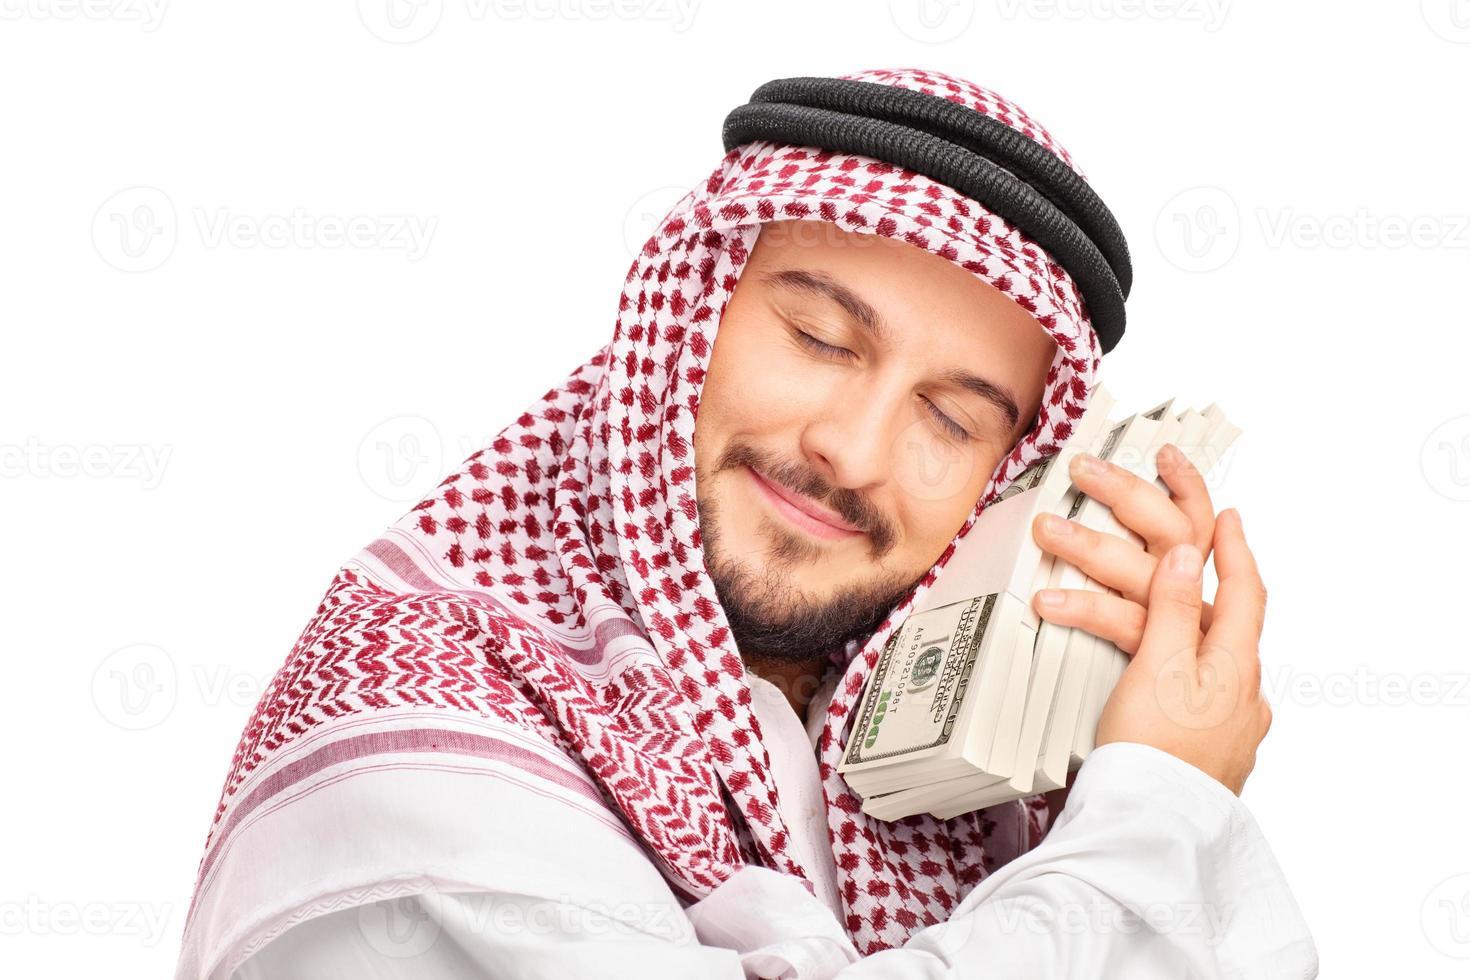 jovem árabe pessoa dormindo em dinheiro foto